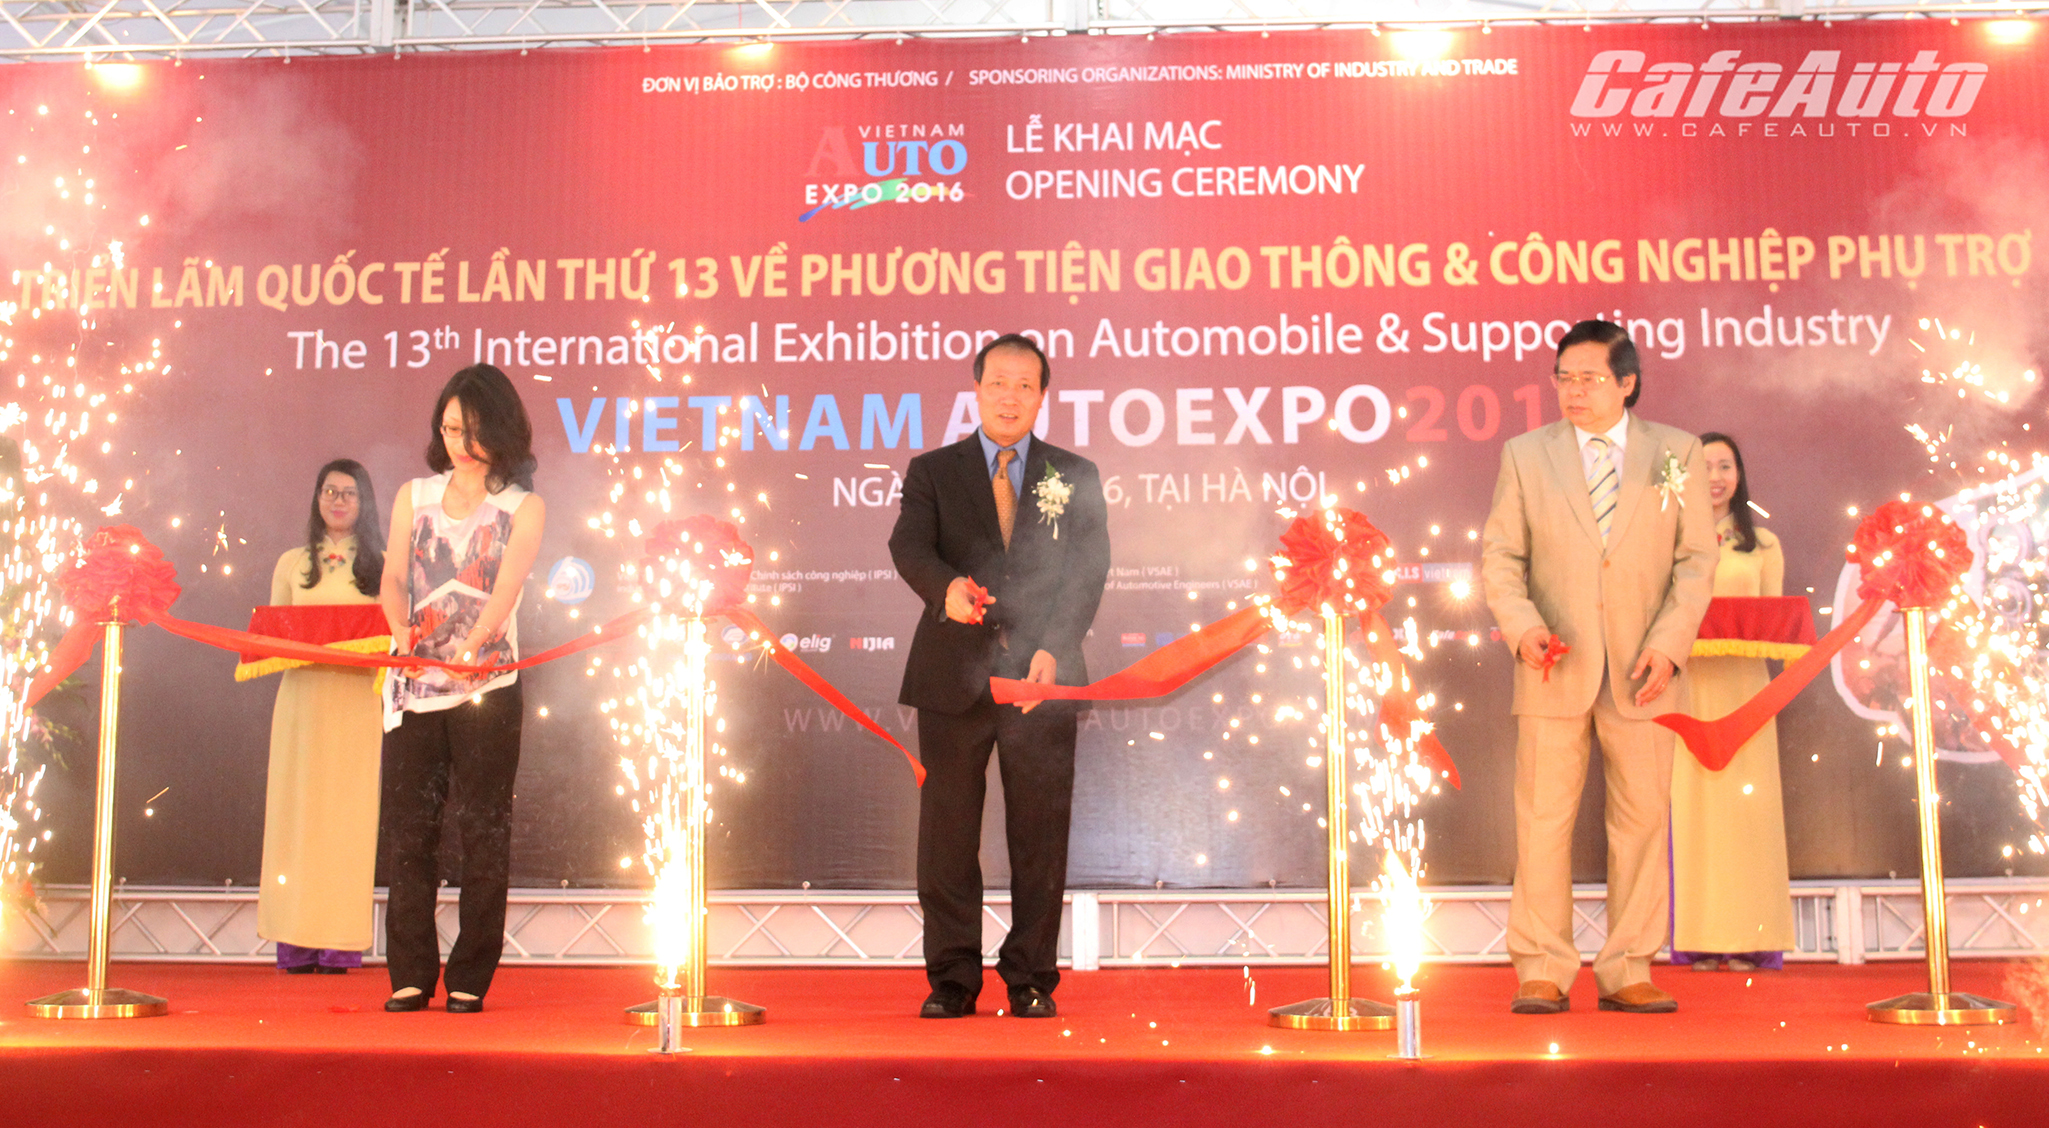 khai-mac-trien-lam-quoc-te-vietnam-autoexpo-2016